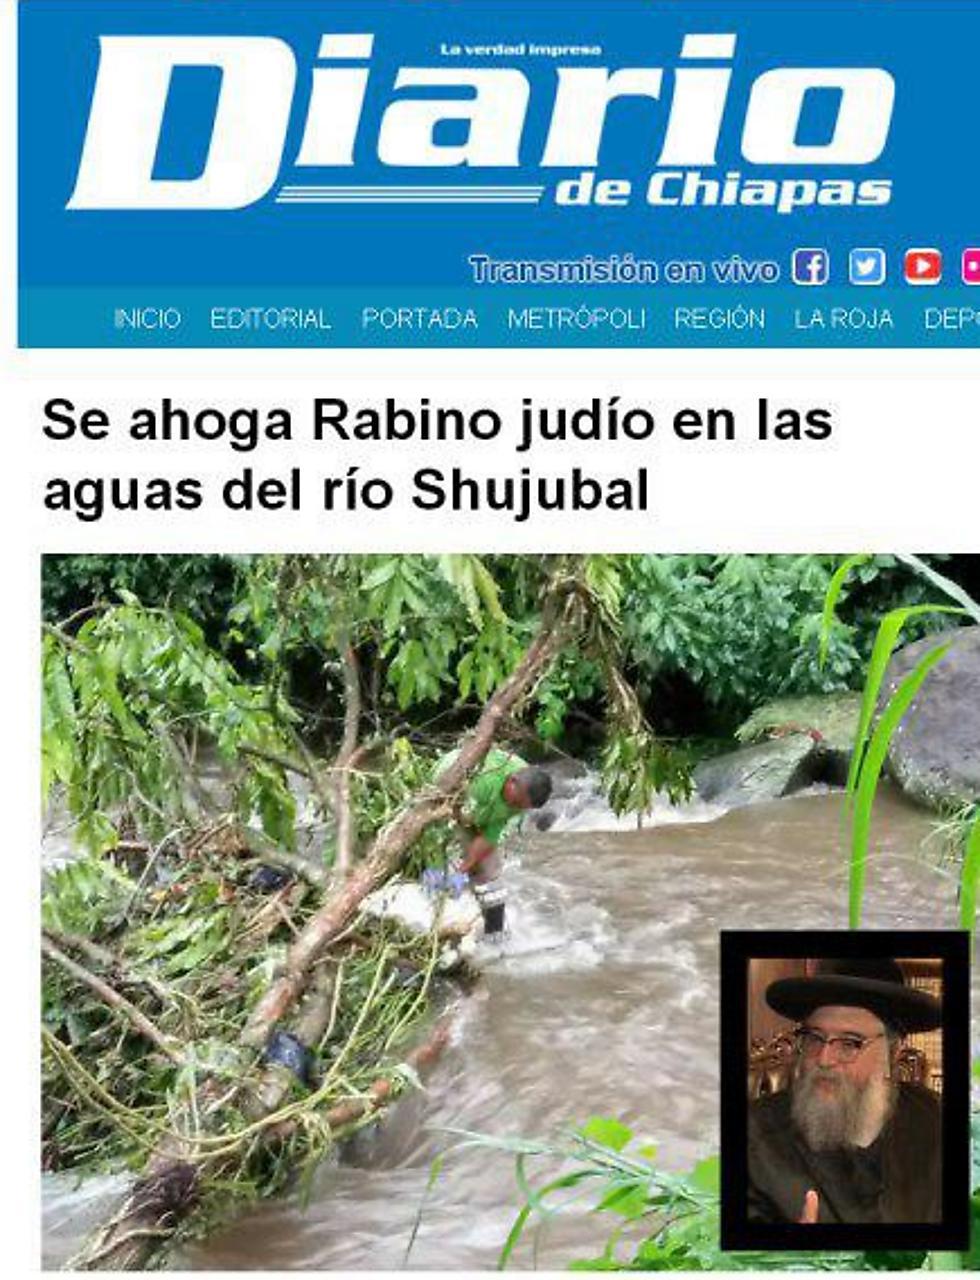 הדיווחים בעיתונות המקסיקנית (צילום: diariodechiapas.com)